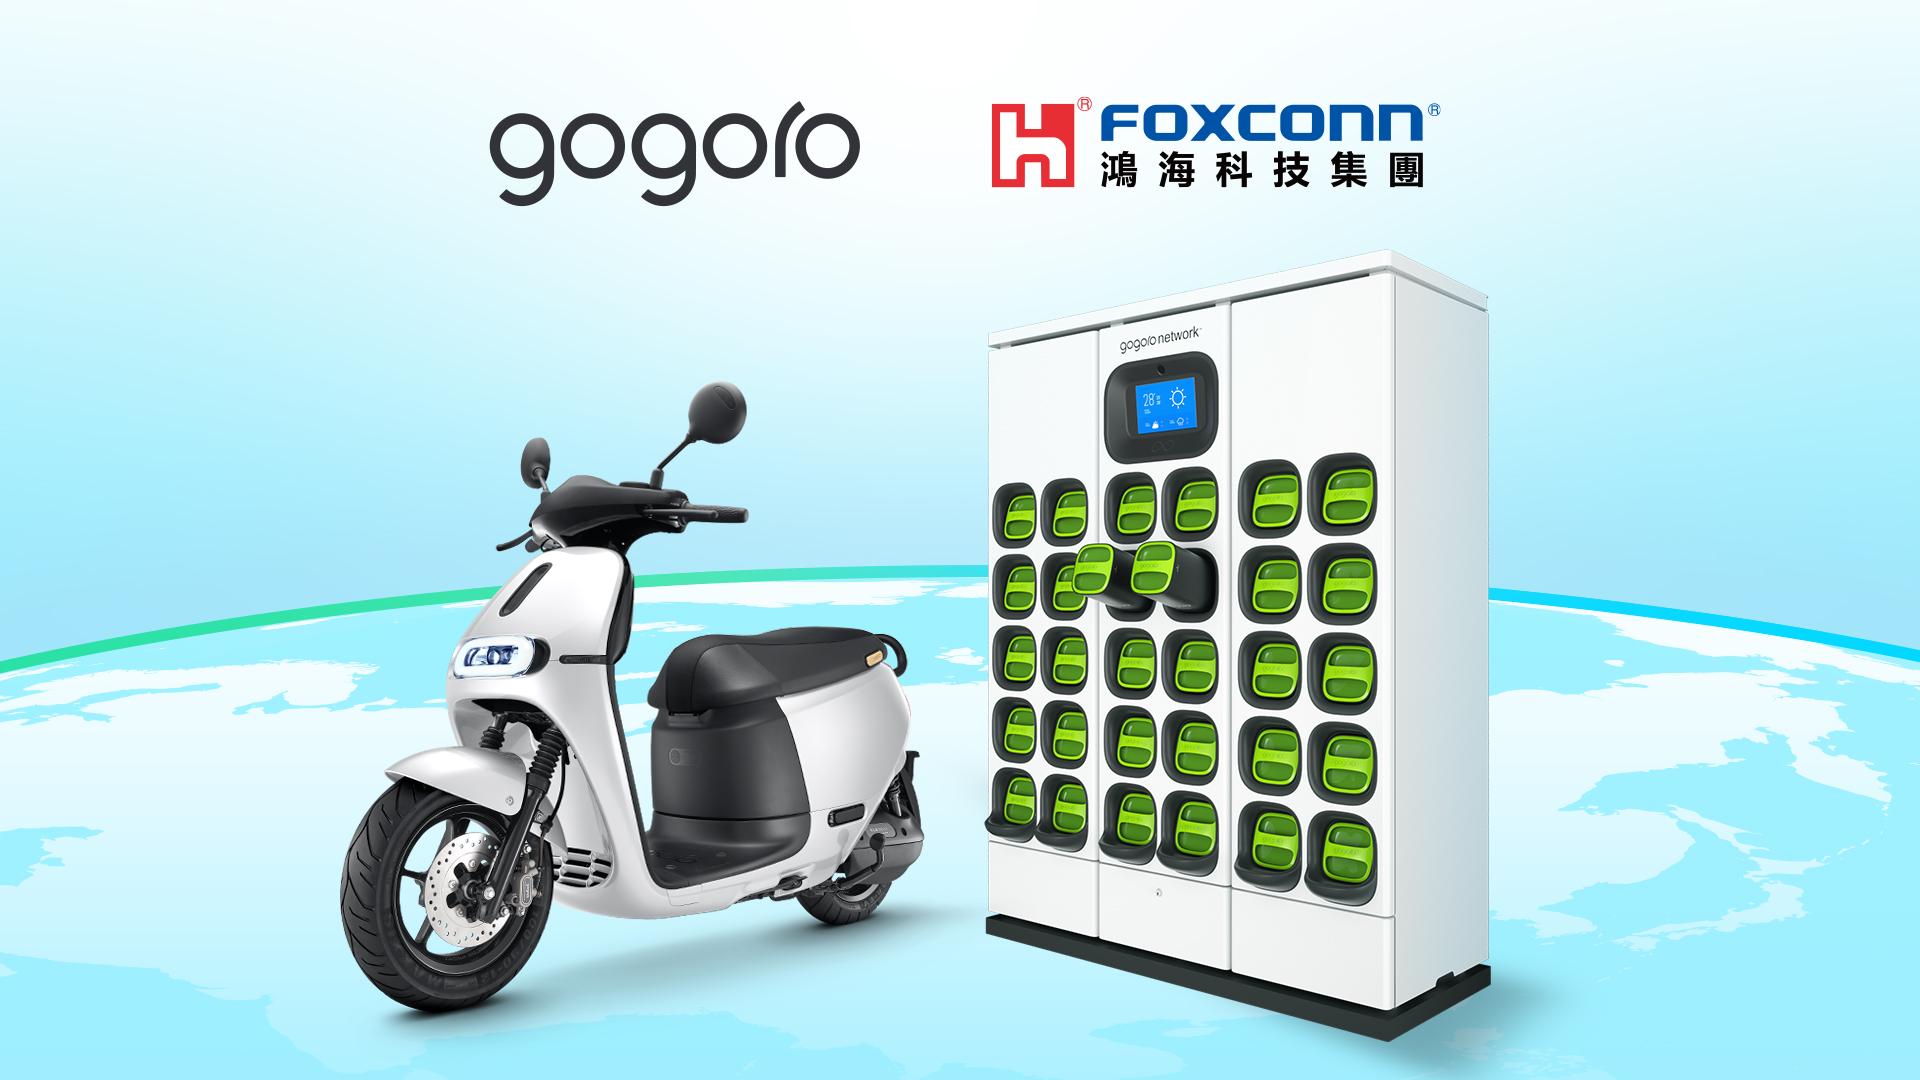 鴻海與 Gogoro 結盟 加速擴展換電系統與智慧電動機車